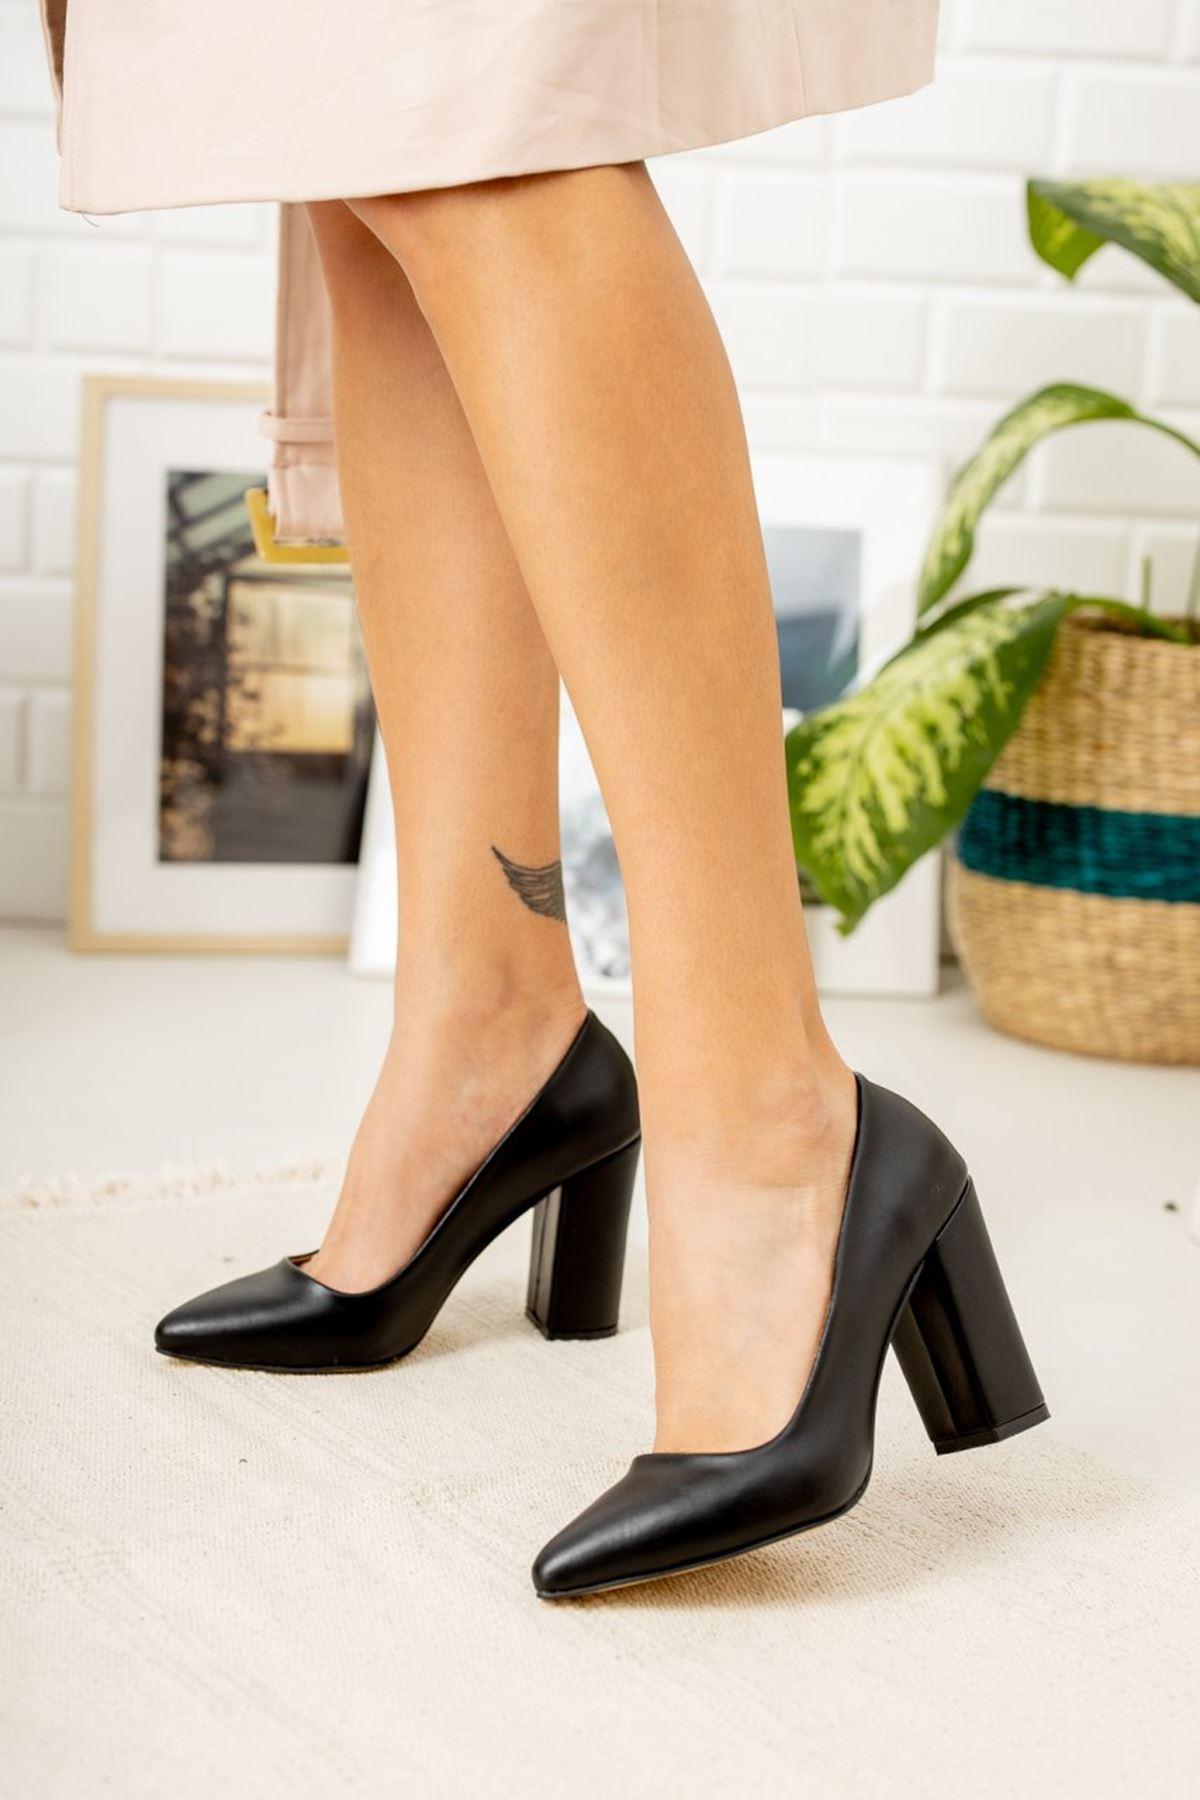 Kadın Kalvi Kalın Topuk Mat Deri Siyah Stiletto